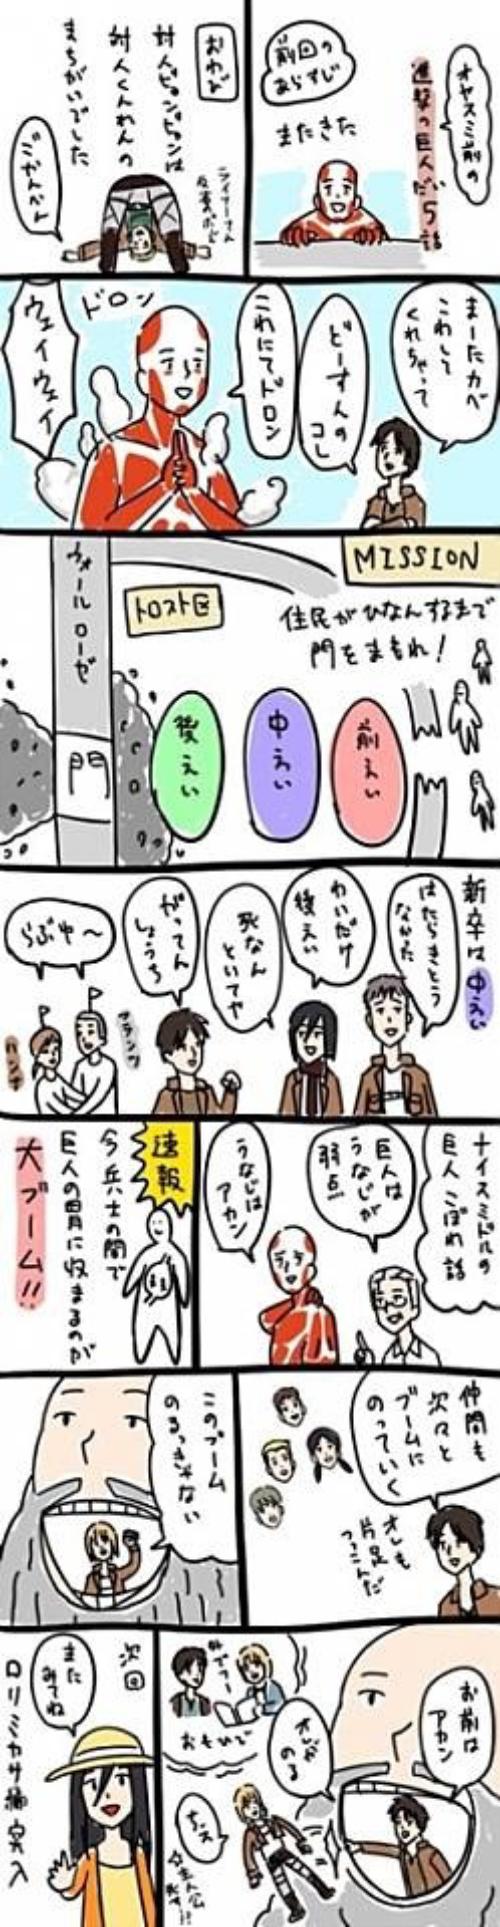 進撃の巨人おさらい漫画その5